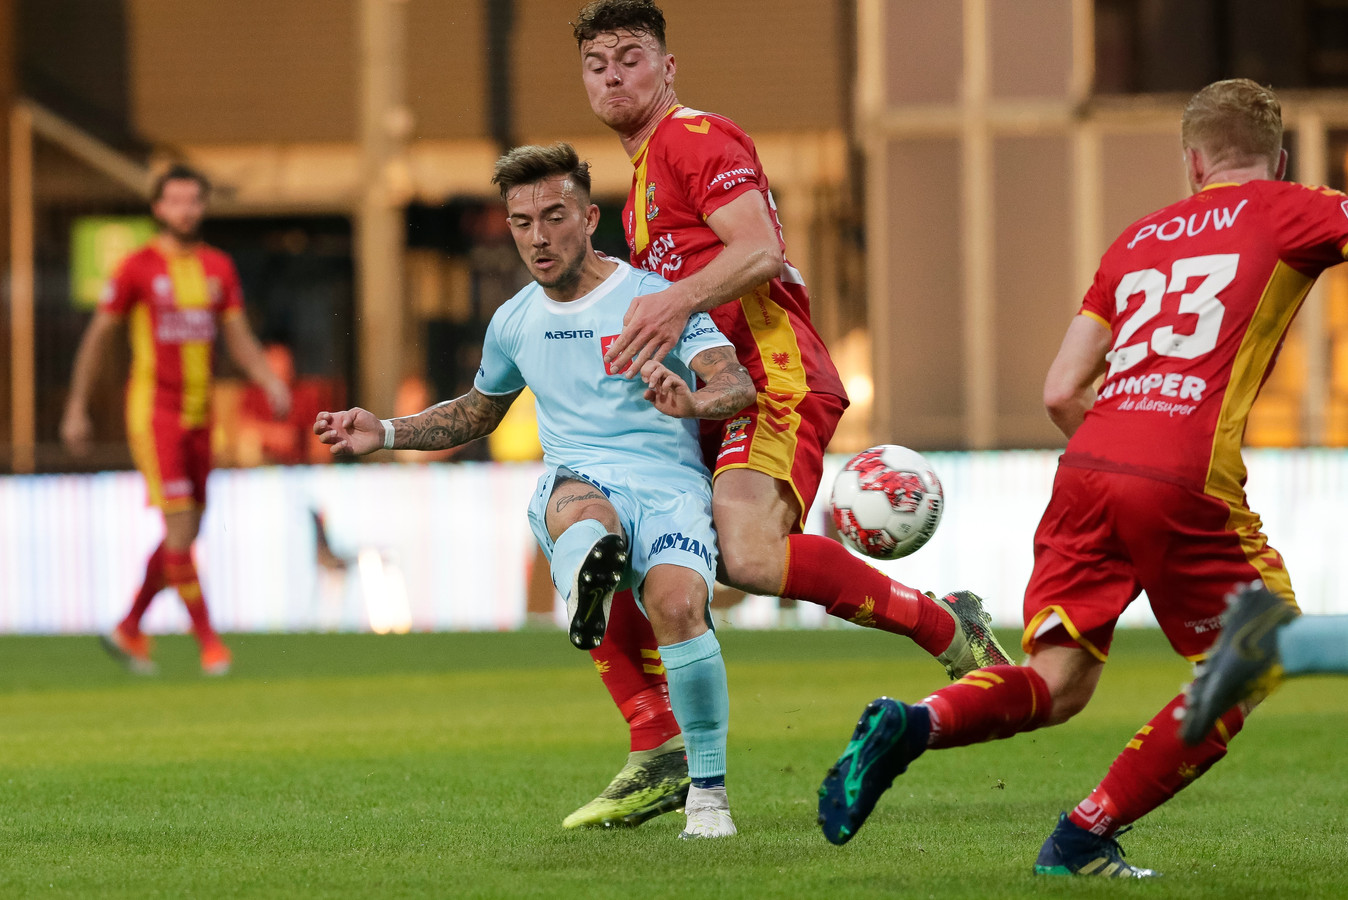 Julius Bliek (midden, in rood-geel tenue) pakte meteen drie punten met Go Ahead Eagles.